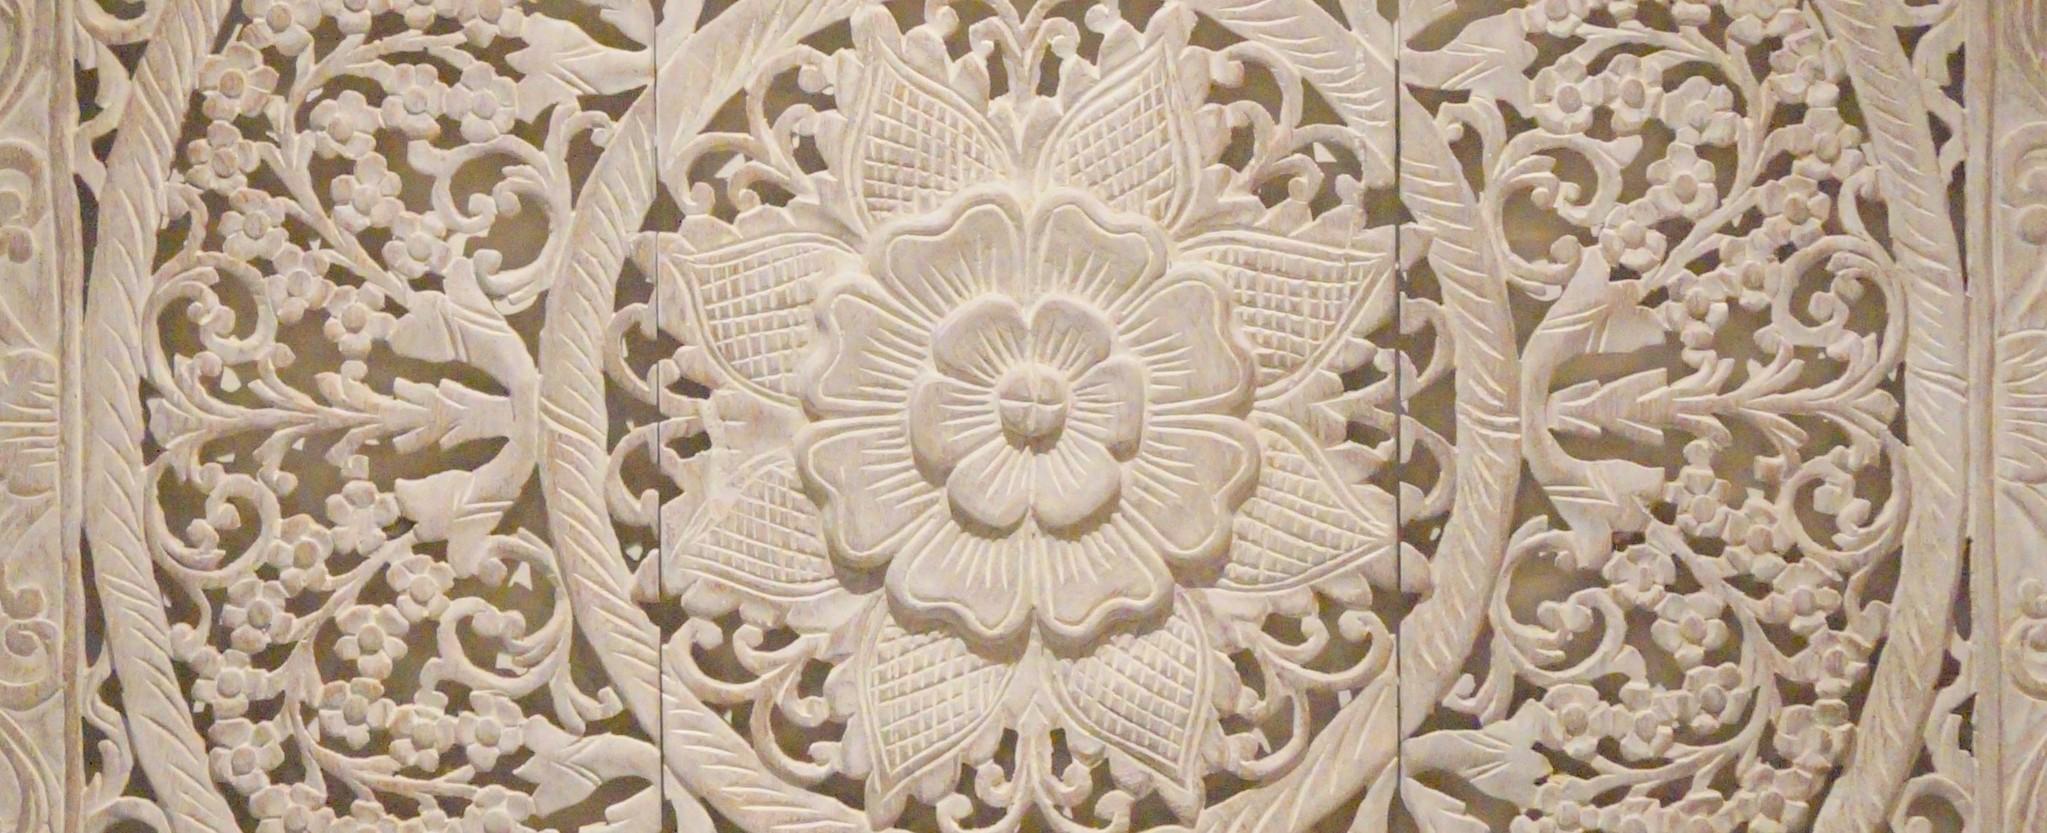 SIMPLY PURE Houtsnijwerk wandpanelen, houtsnijwerk wanddecoratie, houten wandkunst